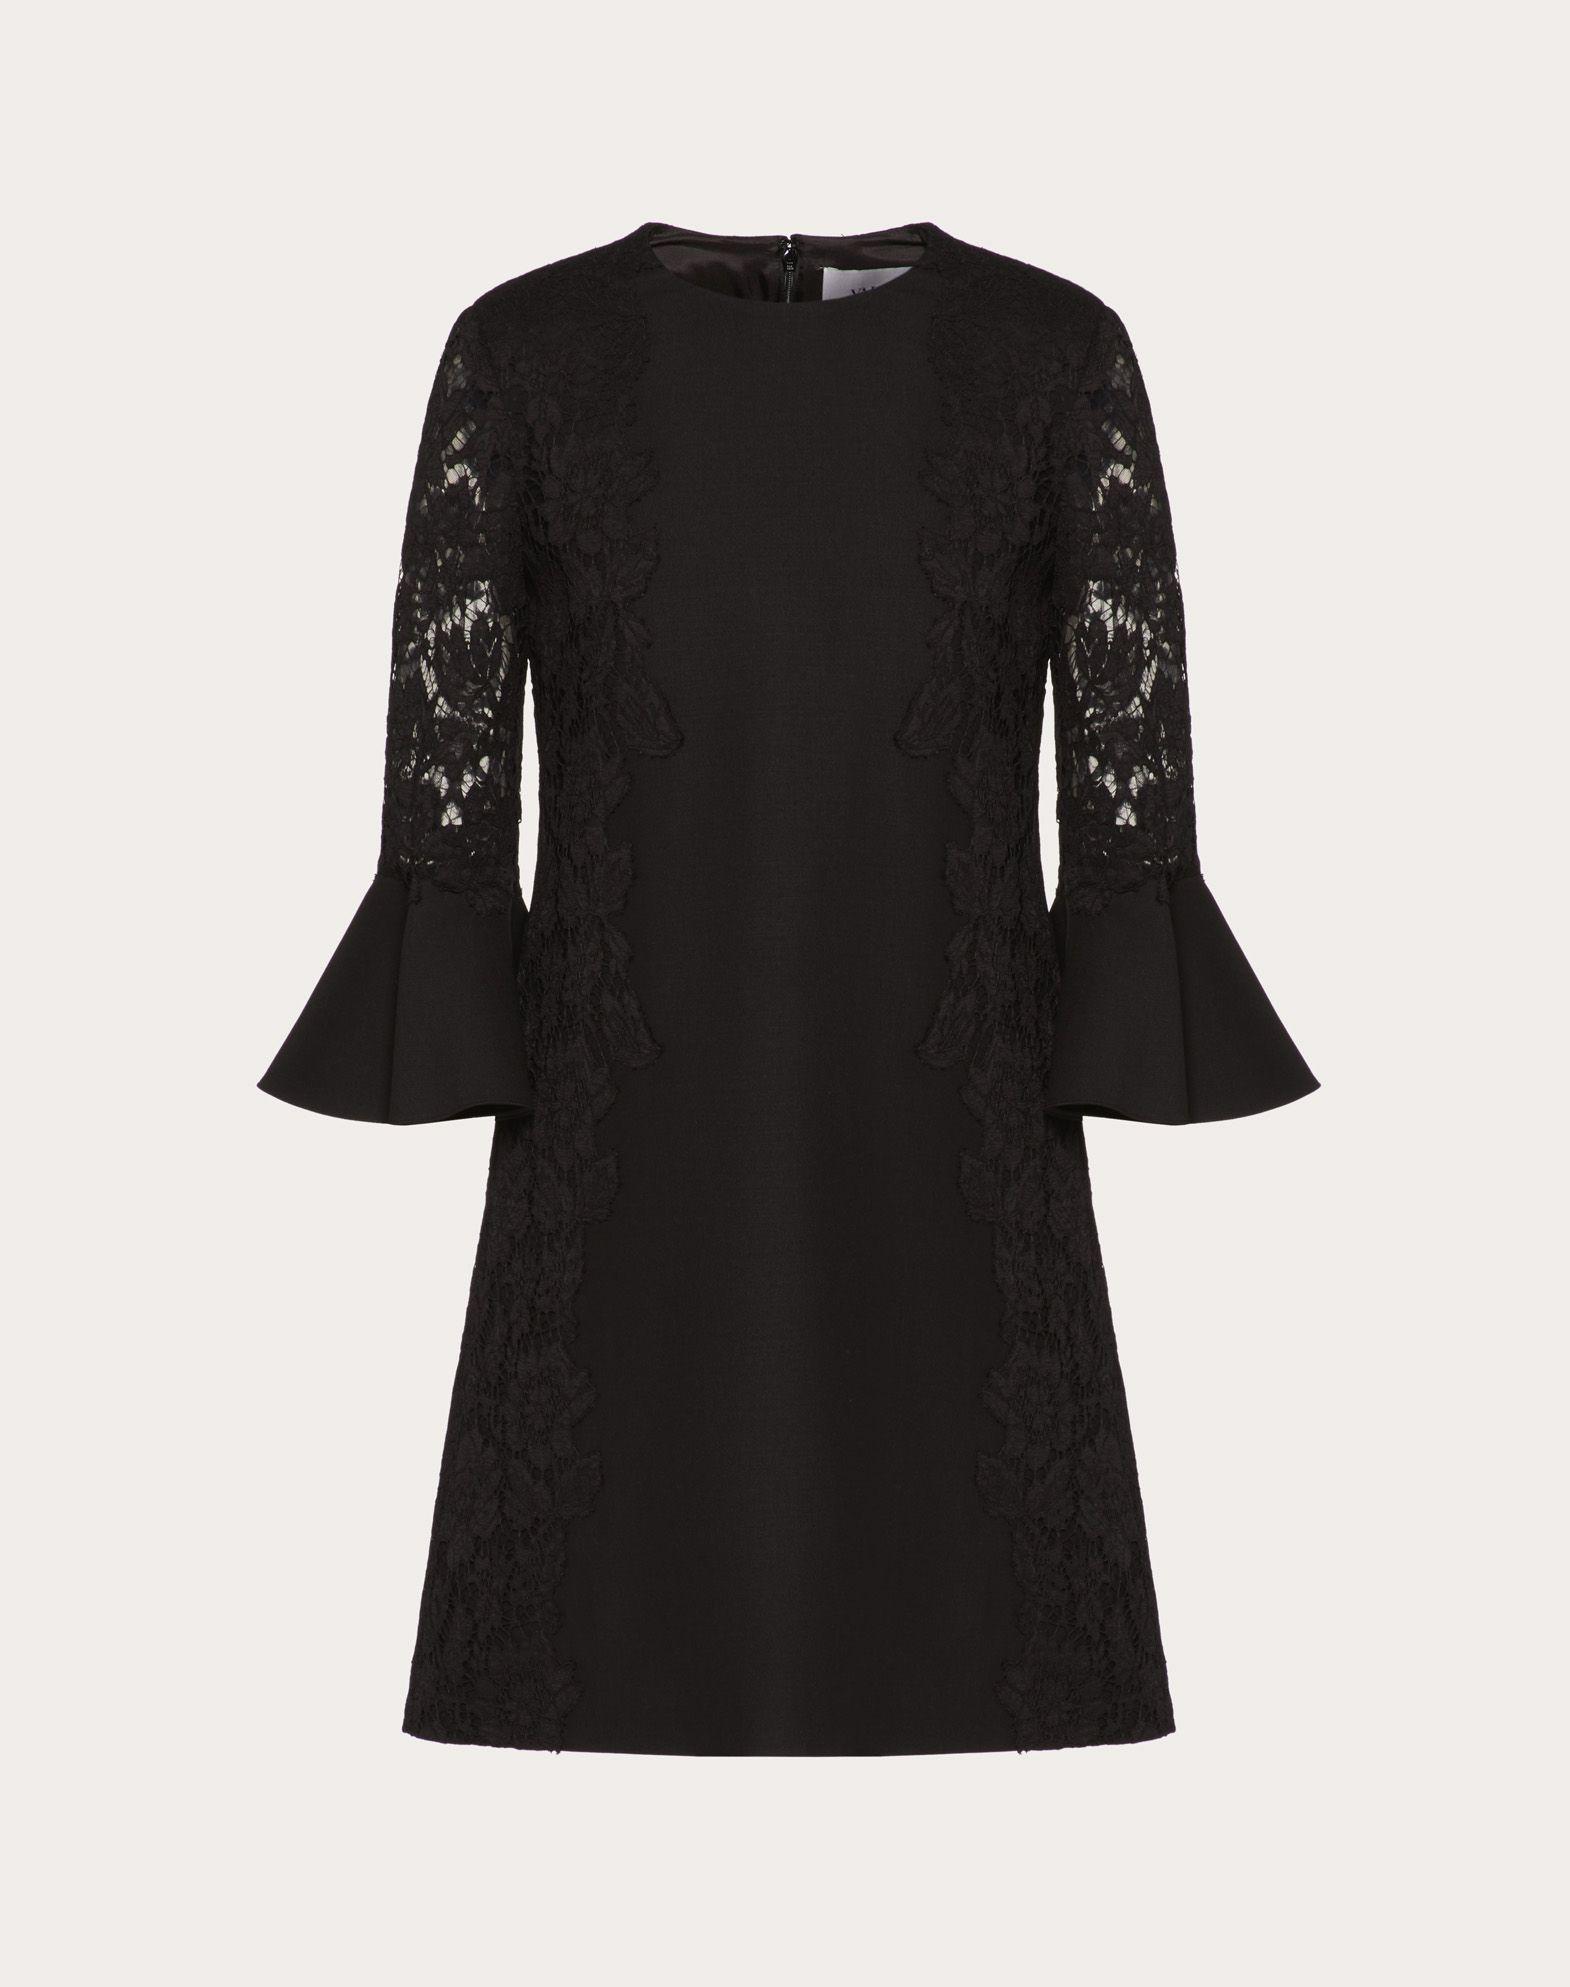 Robe en crêpe couture et guipure